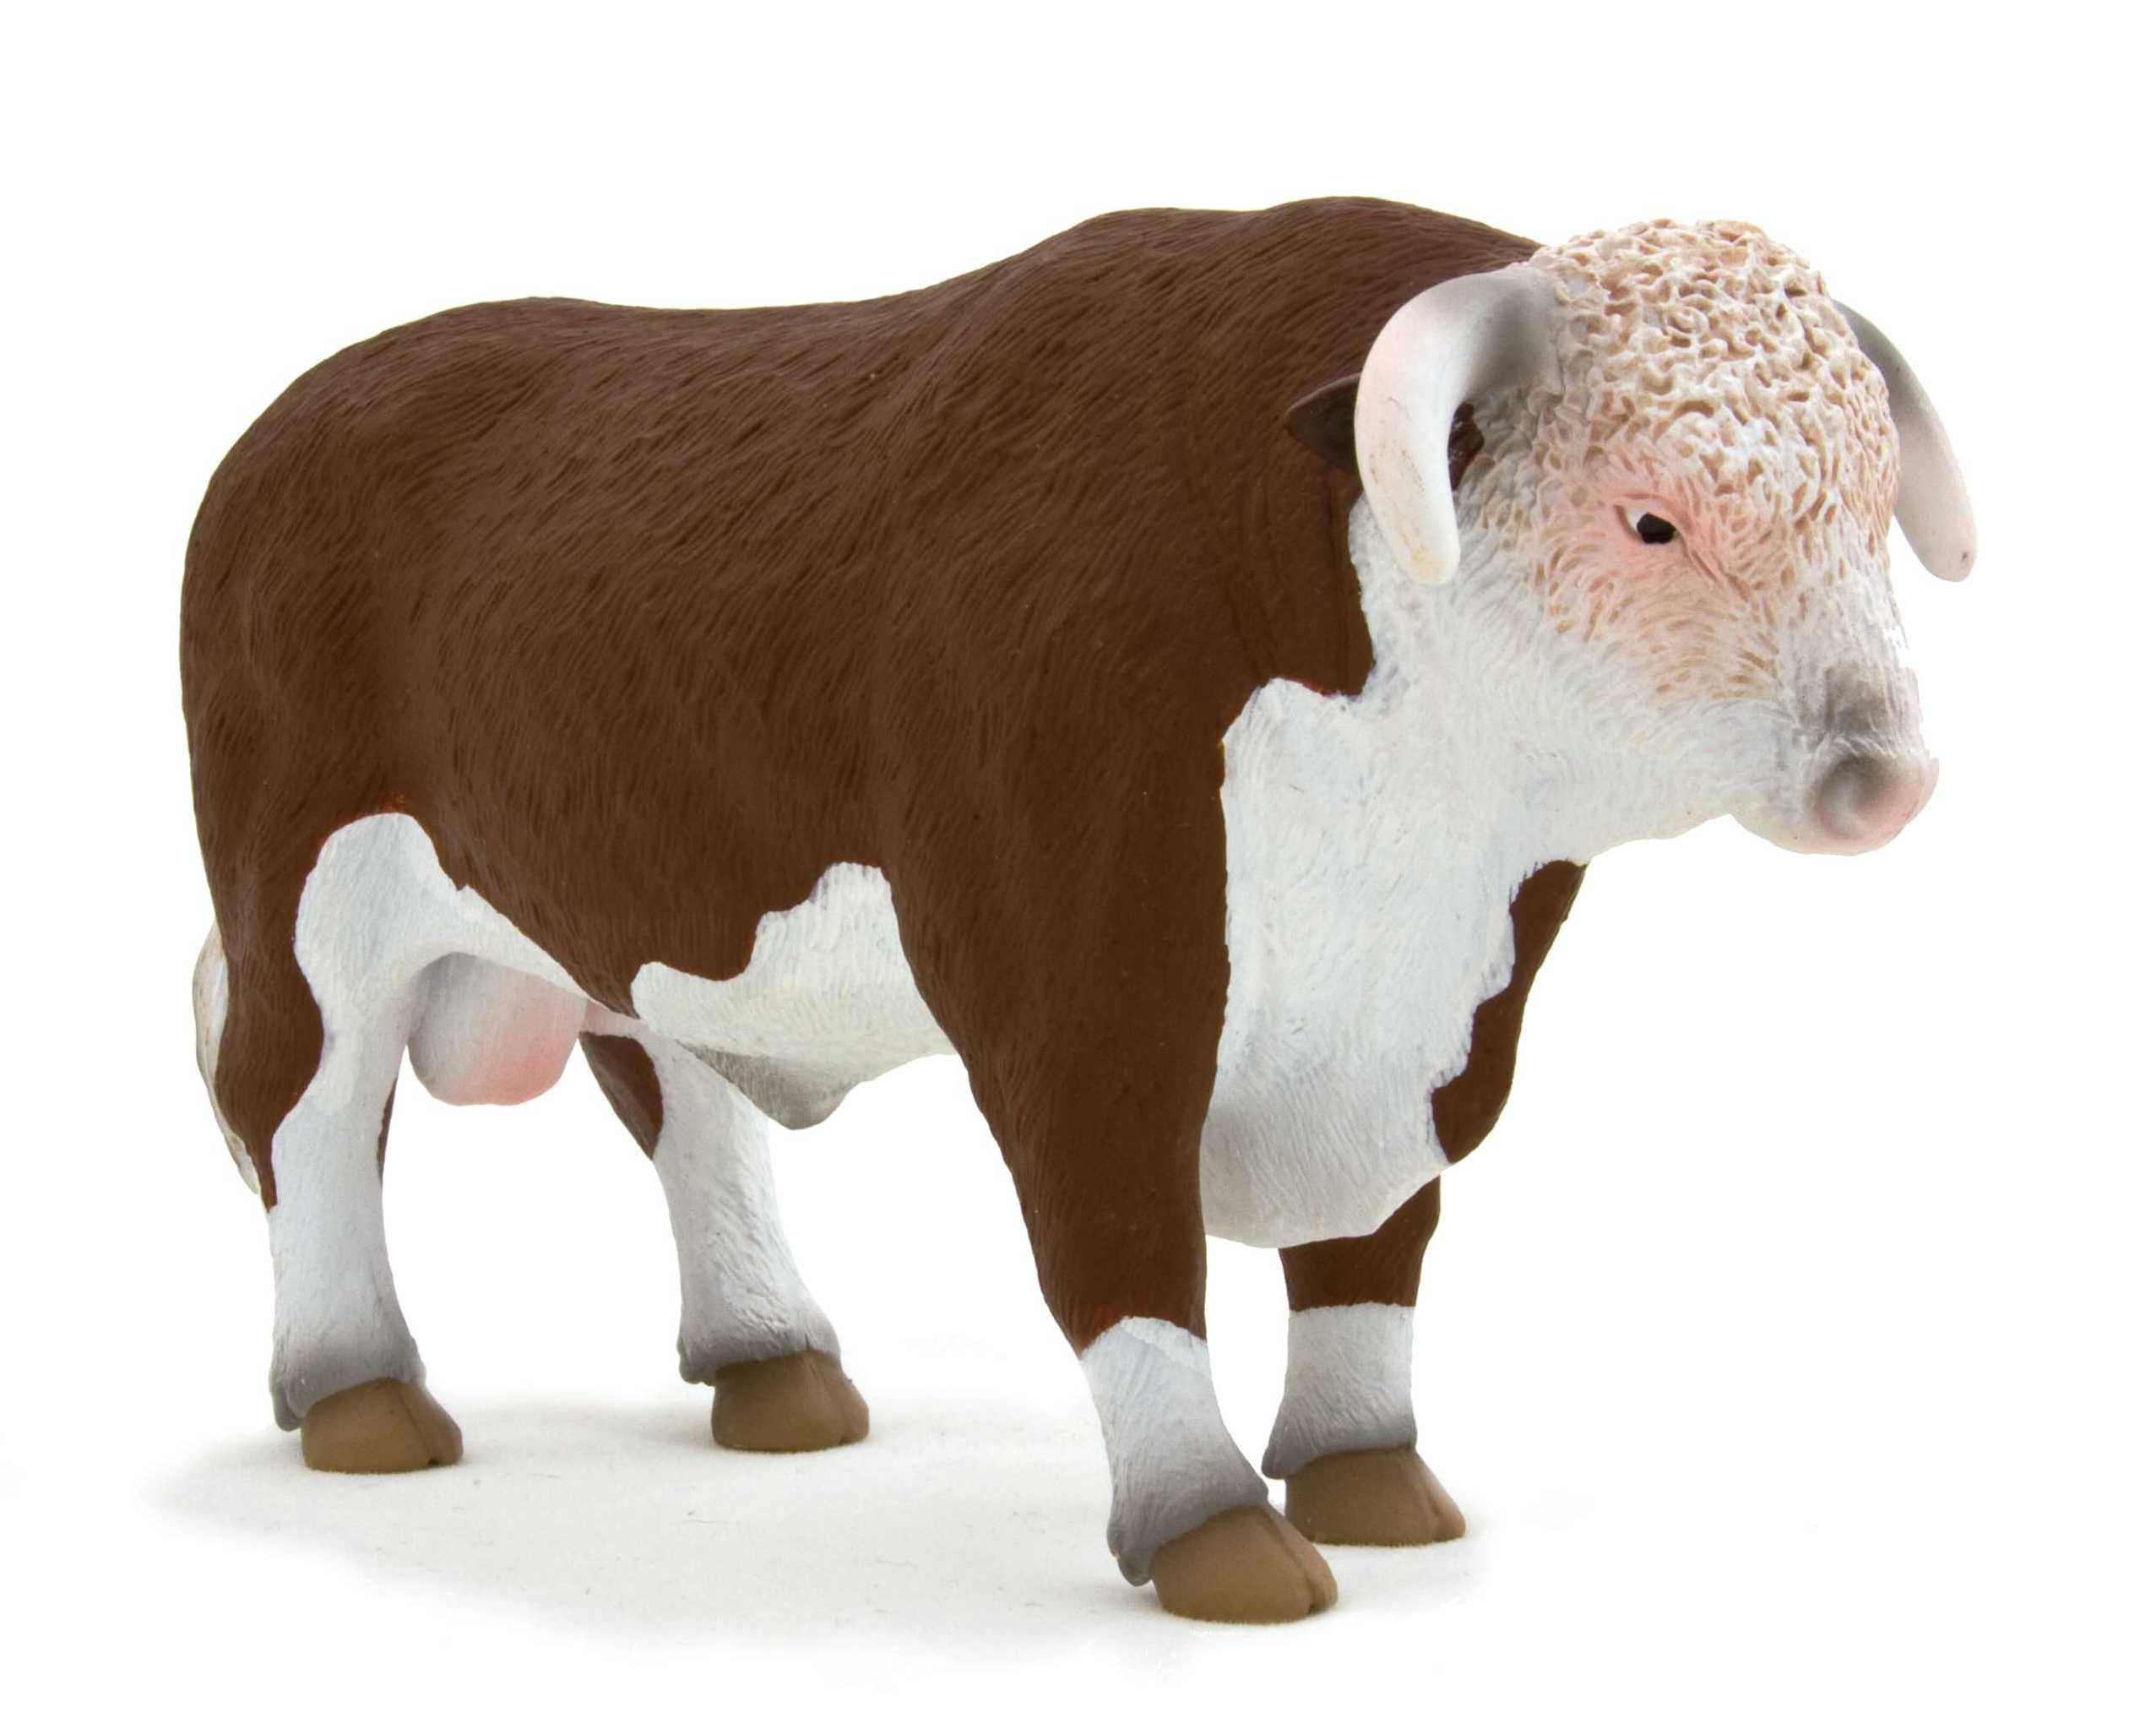 Херефордский бык, 15 смНа ферме (Farm life)<br>Херефордский бык, 15 см<br>